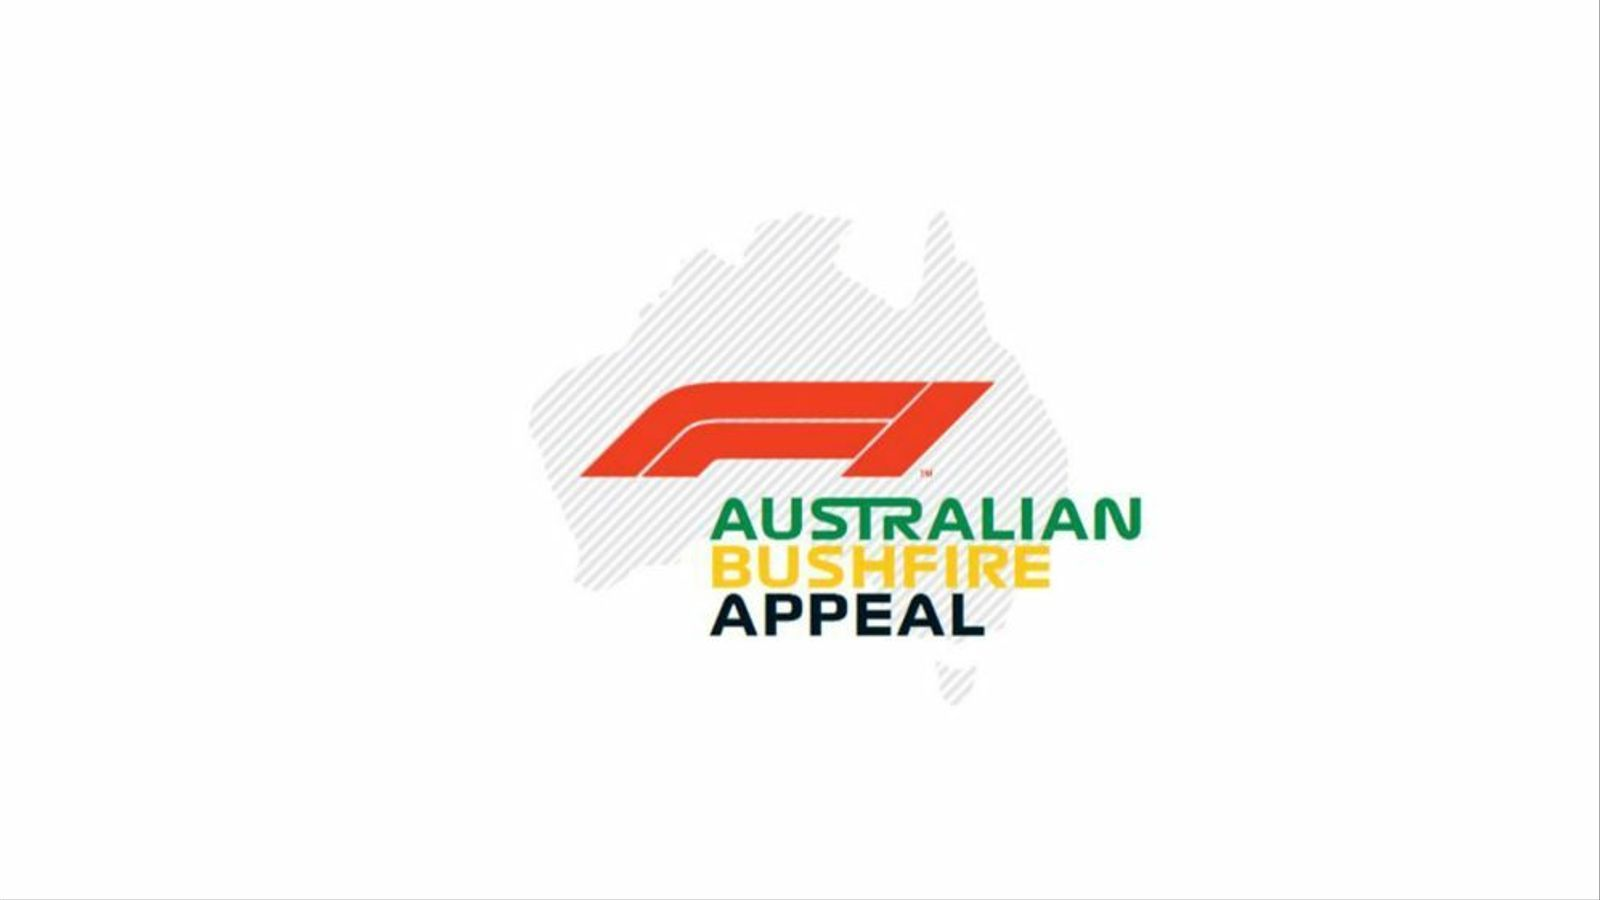 Una subhasta única per ajudar Austràlia